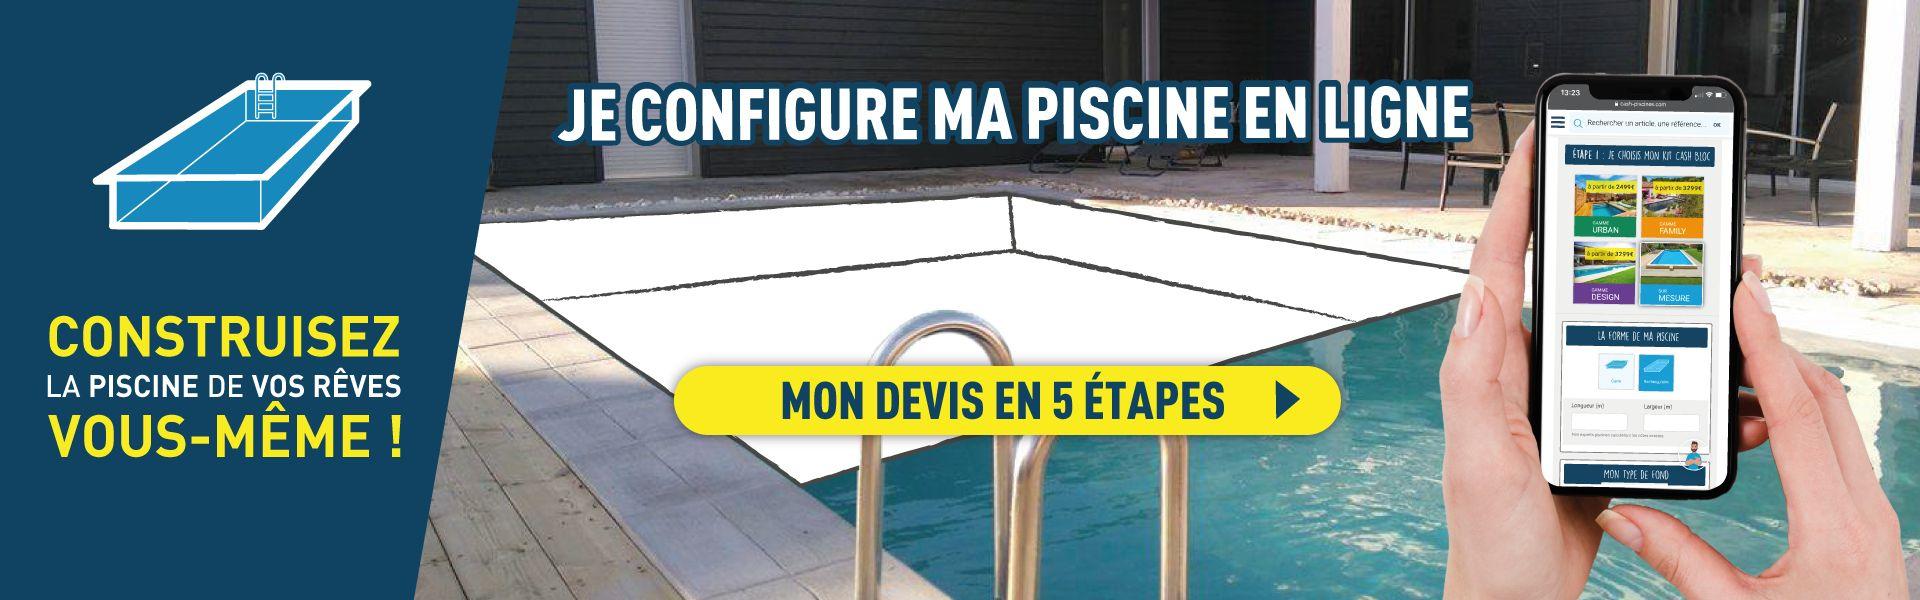 Cash Piscines - Tout Pour La Piscine & Spas Gonflables ... concernant Cash Piscine Tours